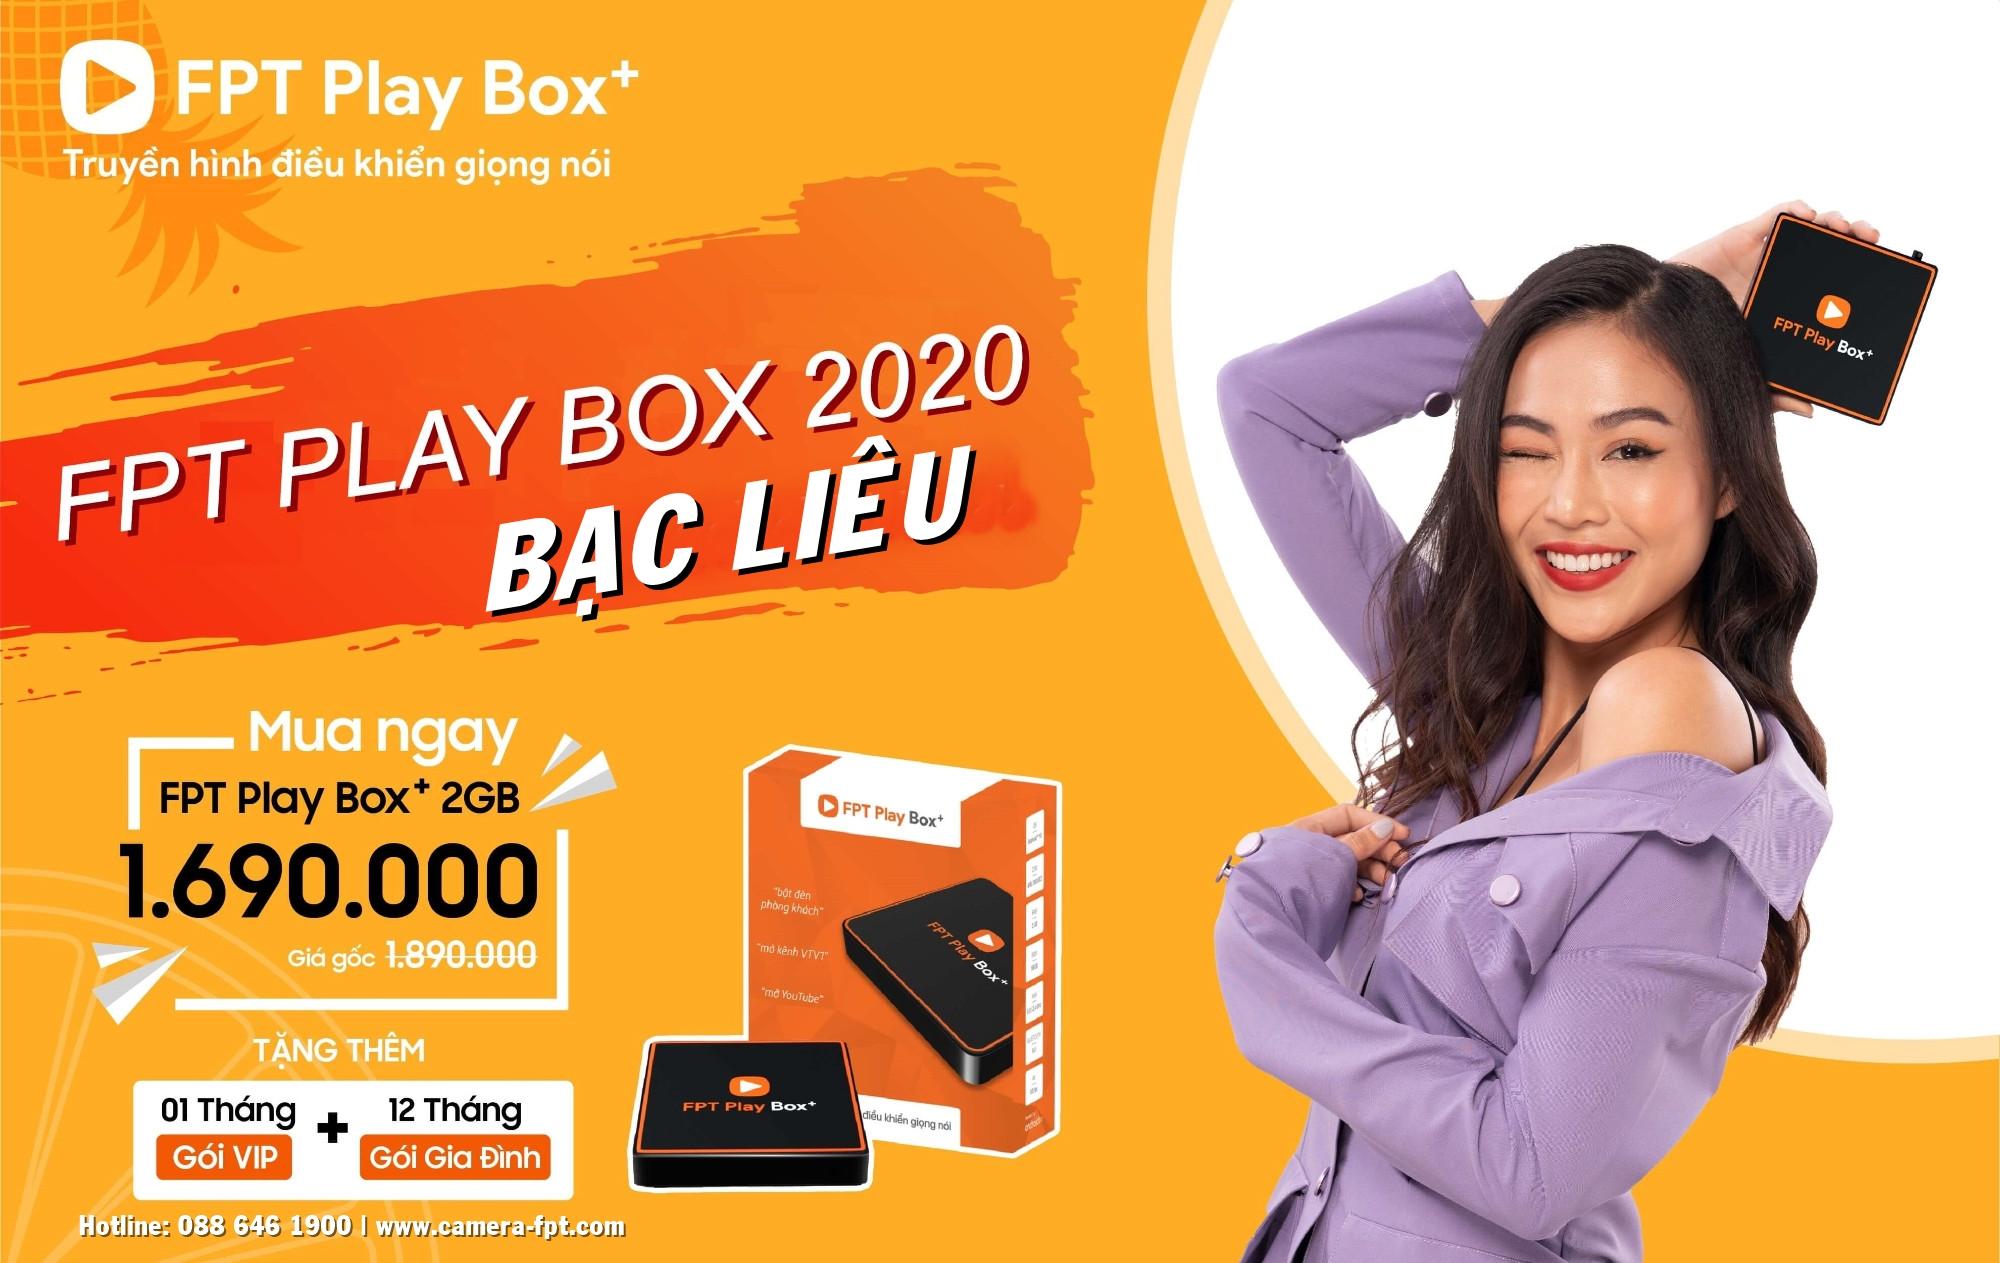 Mua FPT Play BOX tại Bạc Liêu ✓ Tặng 12 tháng xem truyền hình miễn phí